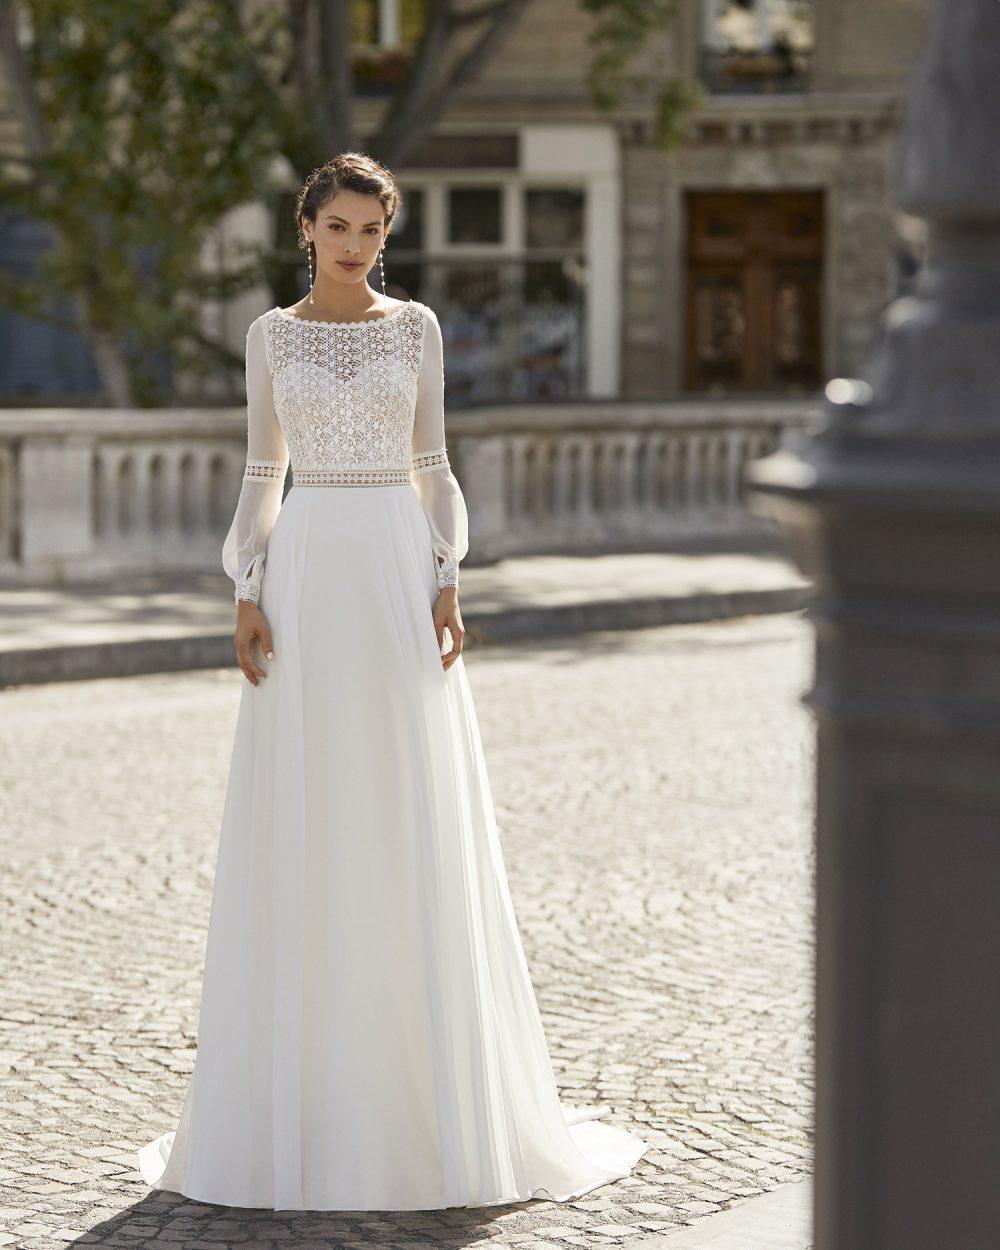 Mariages: abito da sposa Rosa Clarà 2021 a Vicenza, Verona, Padova, Veneto 5B119 WARUS